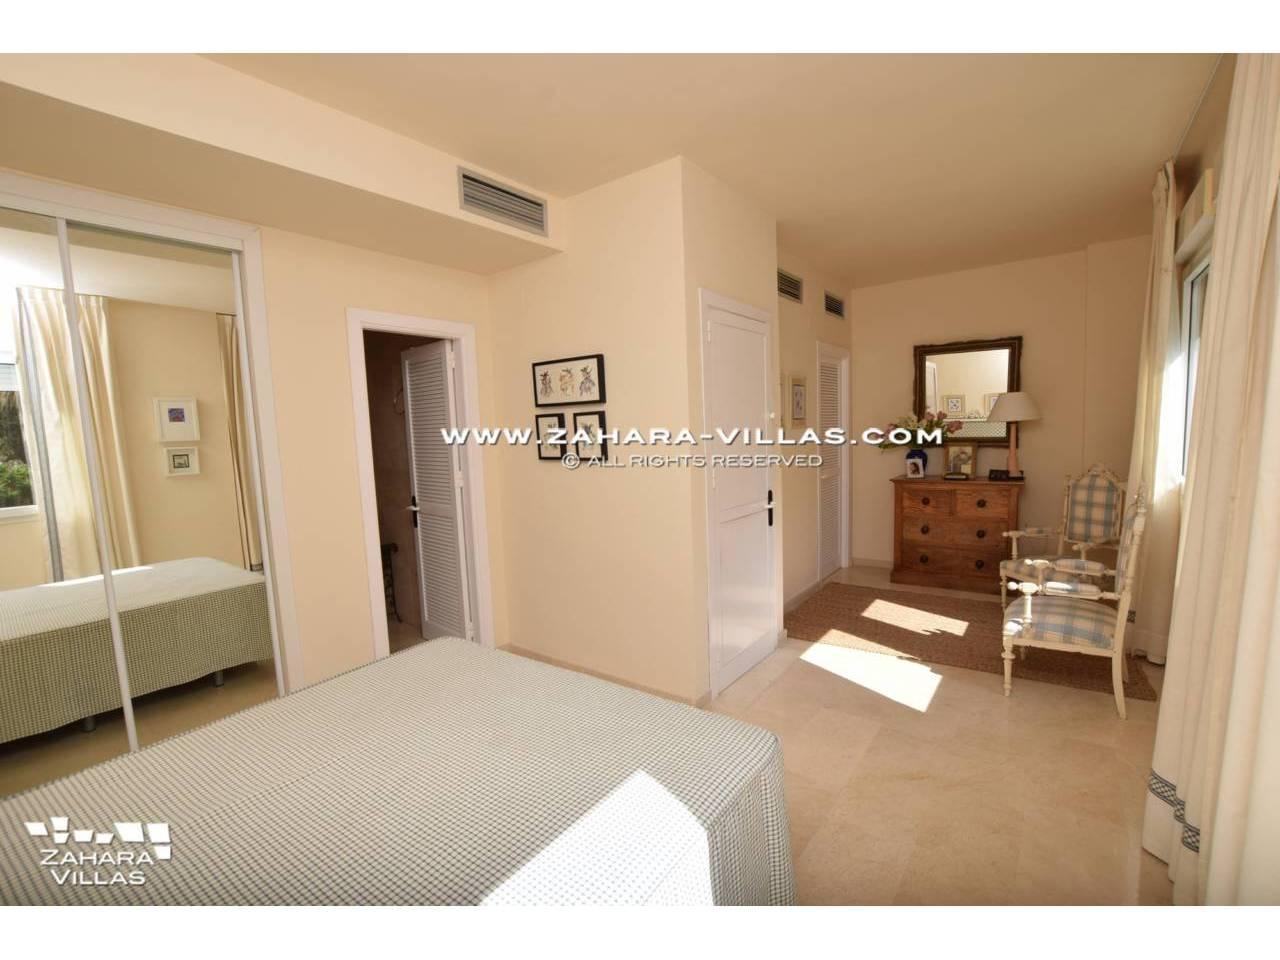 Imagen 18 de Duplex zu verkaufen in Urb. Costa Zahara